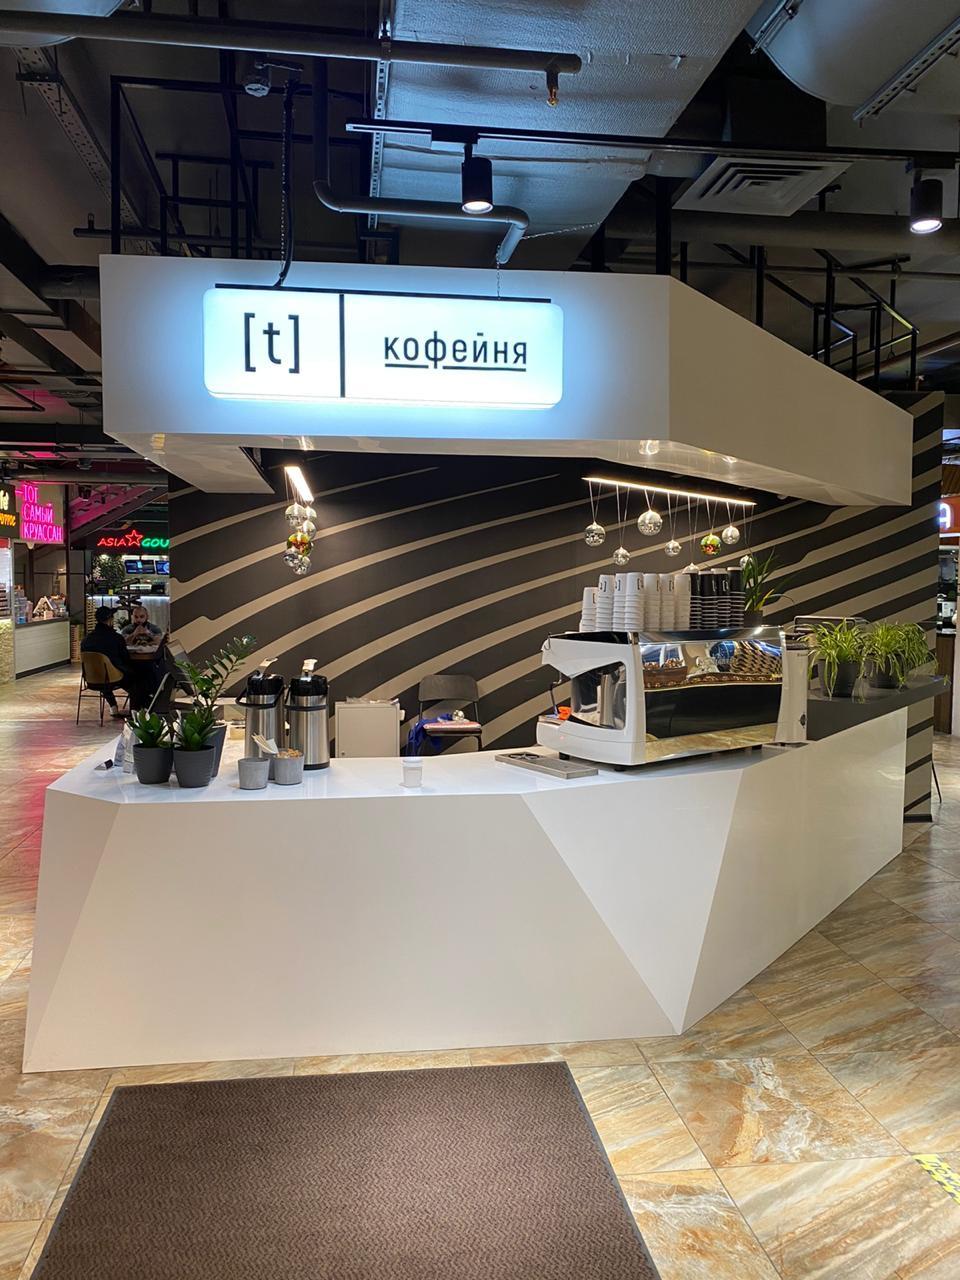 Город: Москва<br/>Заведение: Кофейня [t]<br/>ставка: 250 руб/ч